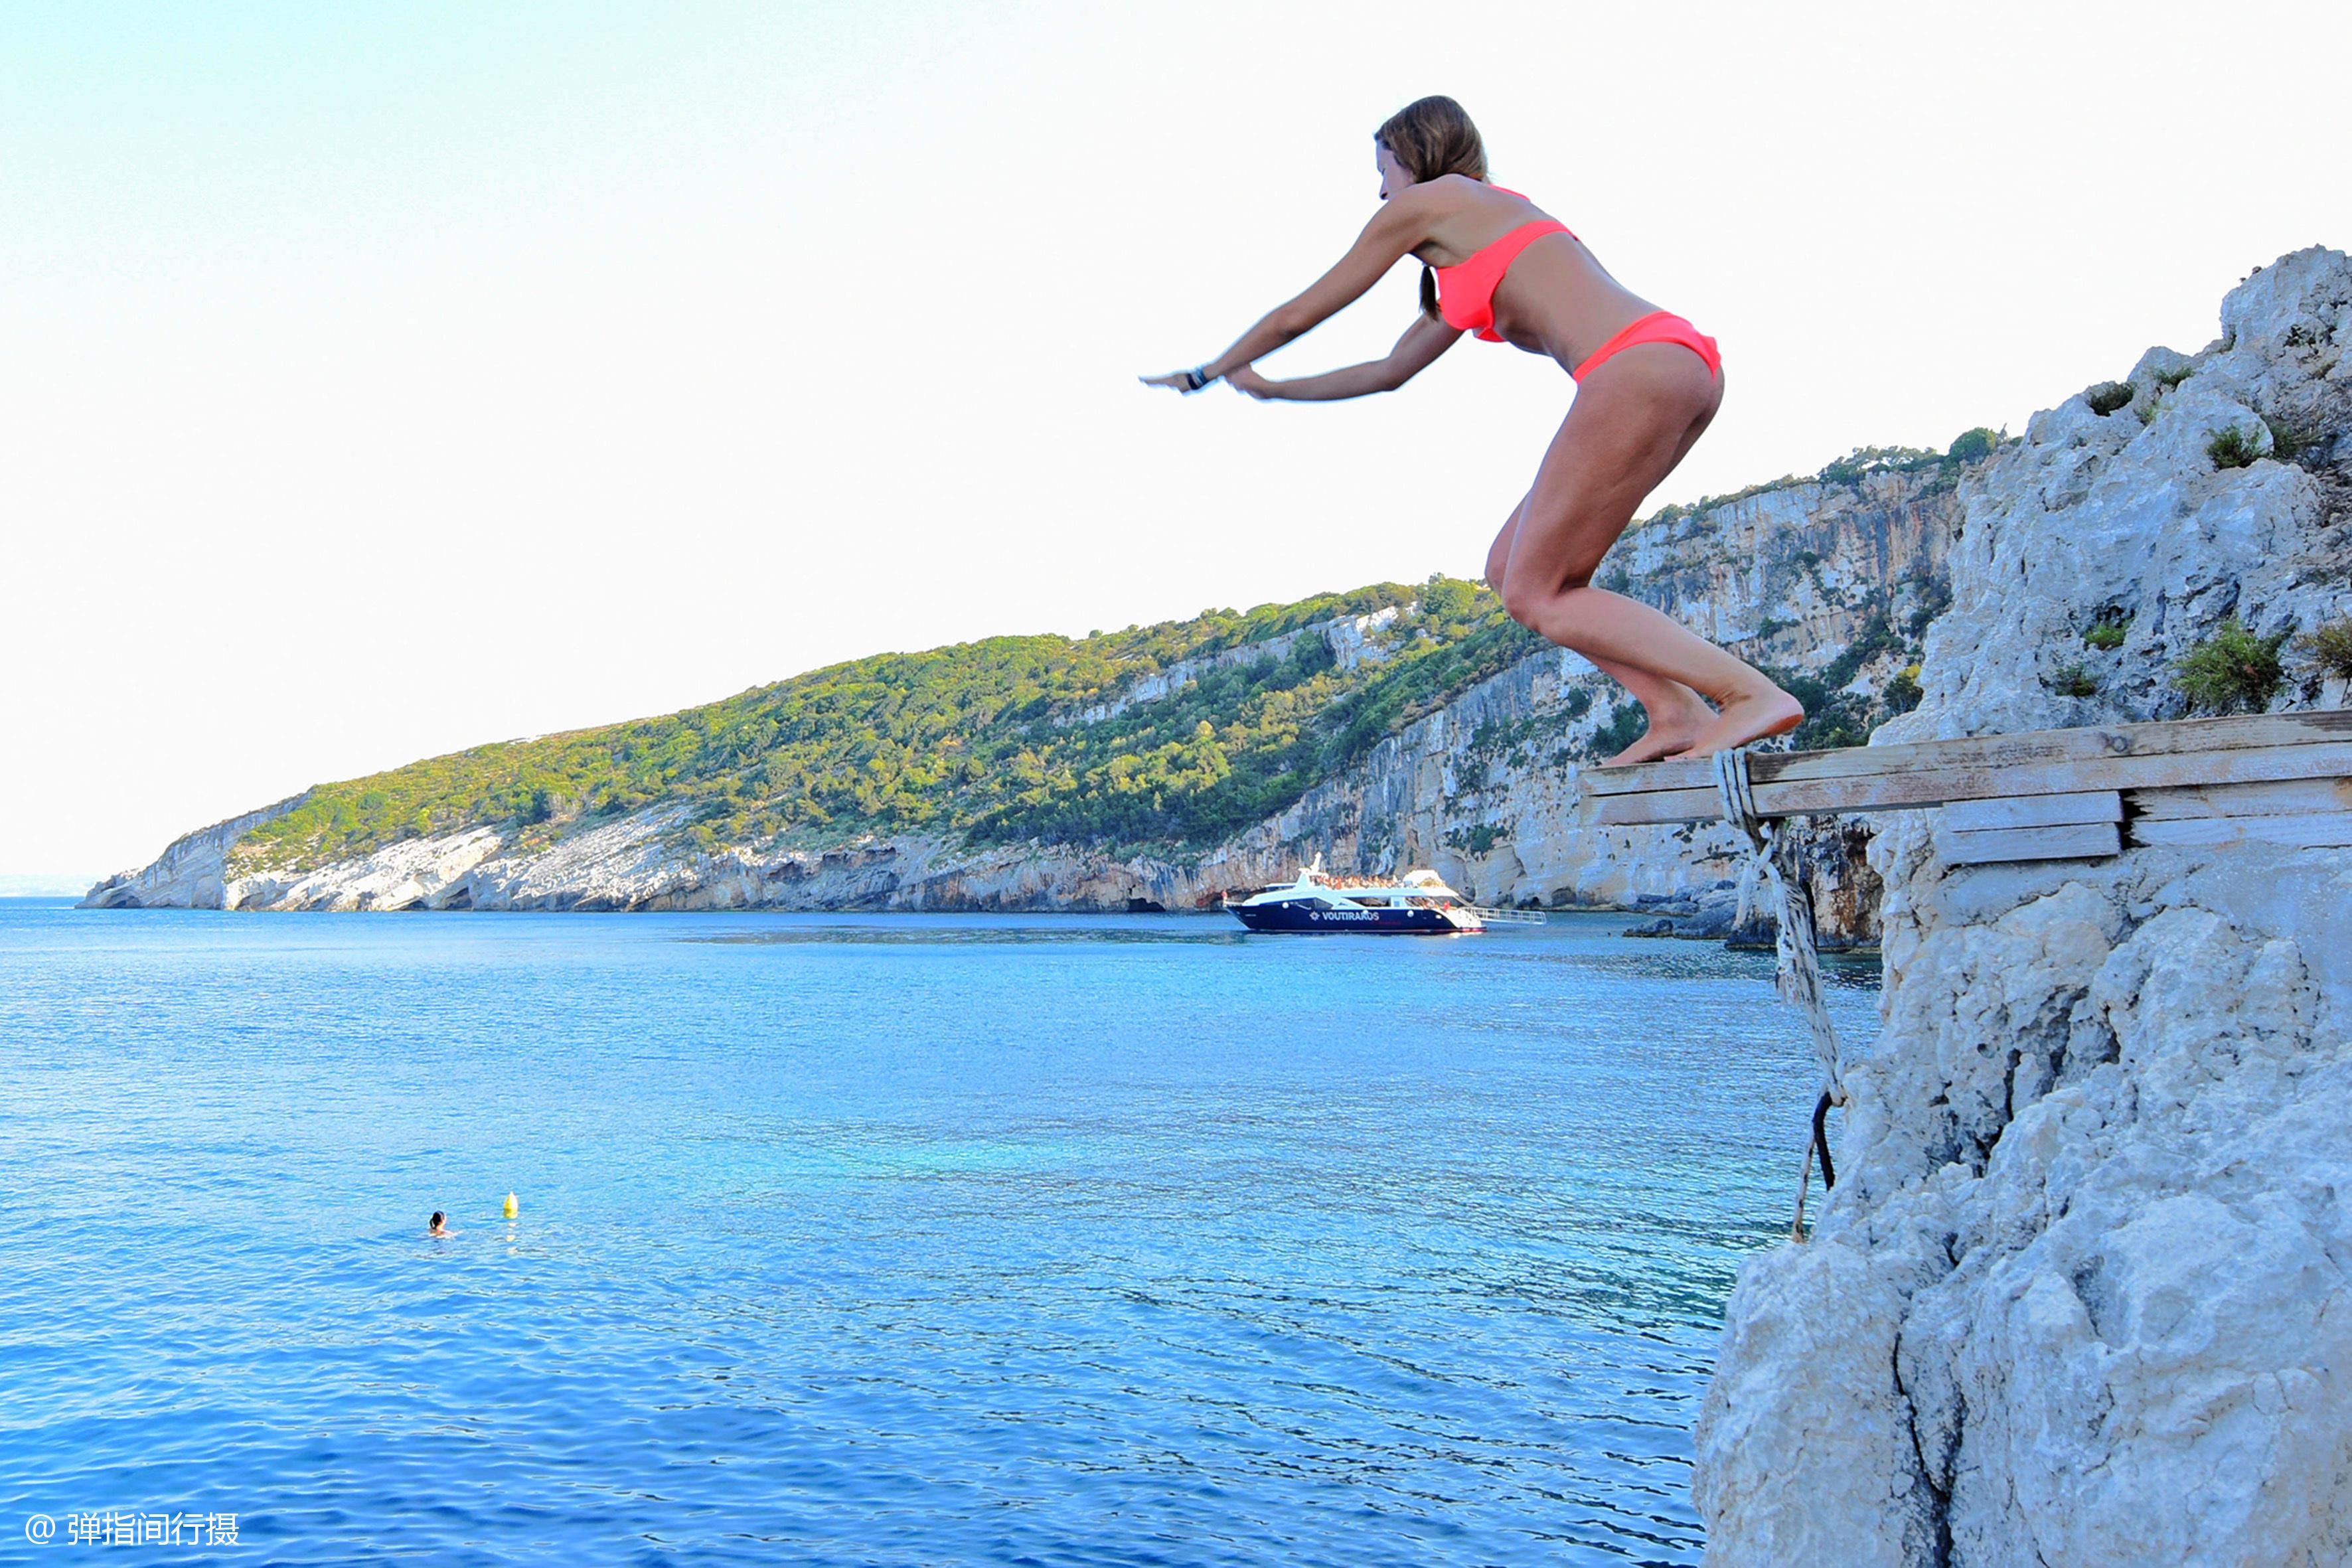 希腊10米高的海边悬崖,父亲对孩子说:跳下去!老外教育果真不同